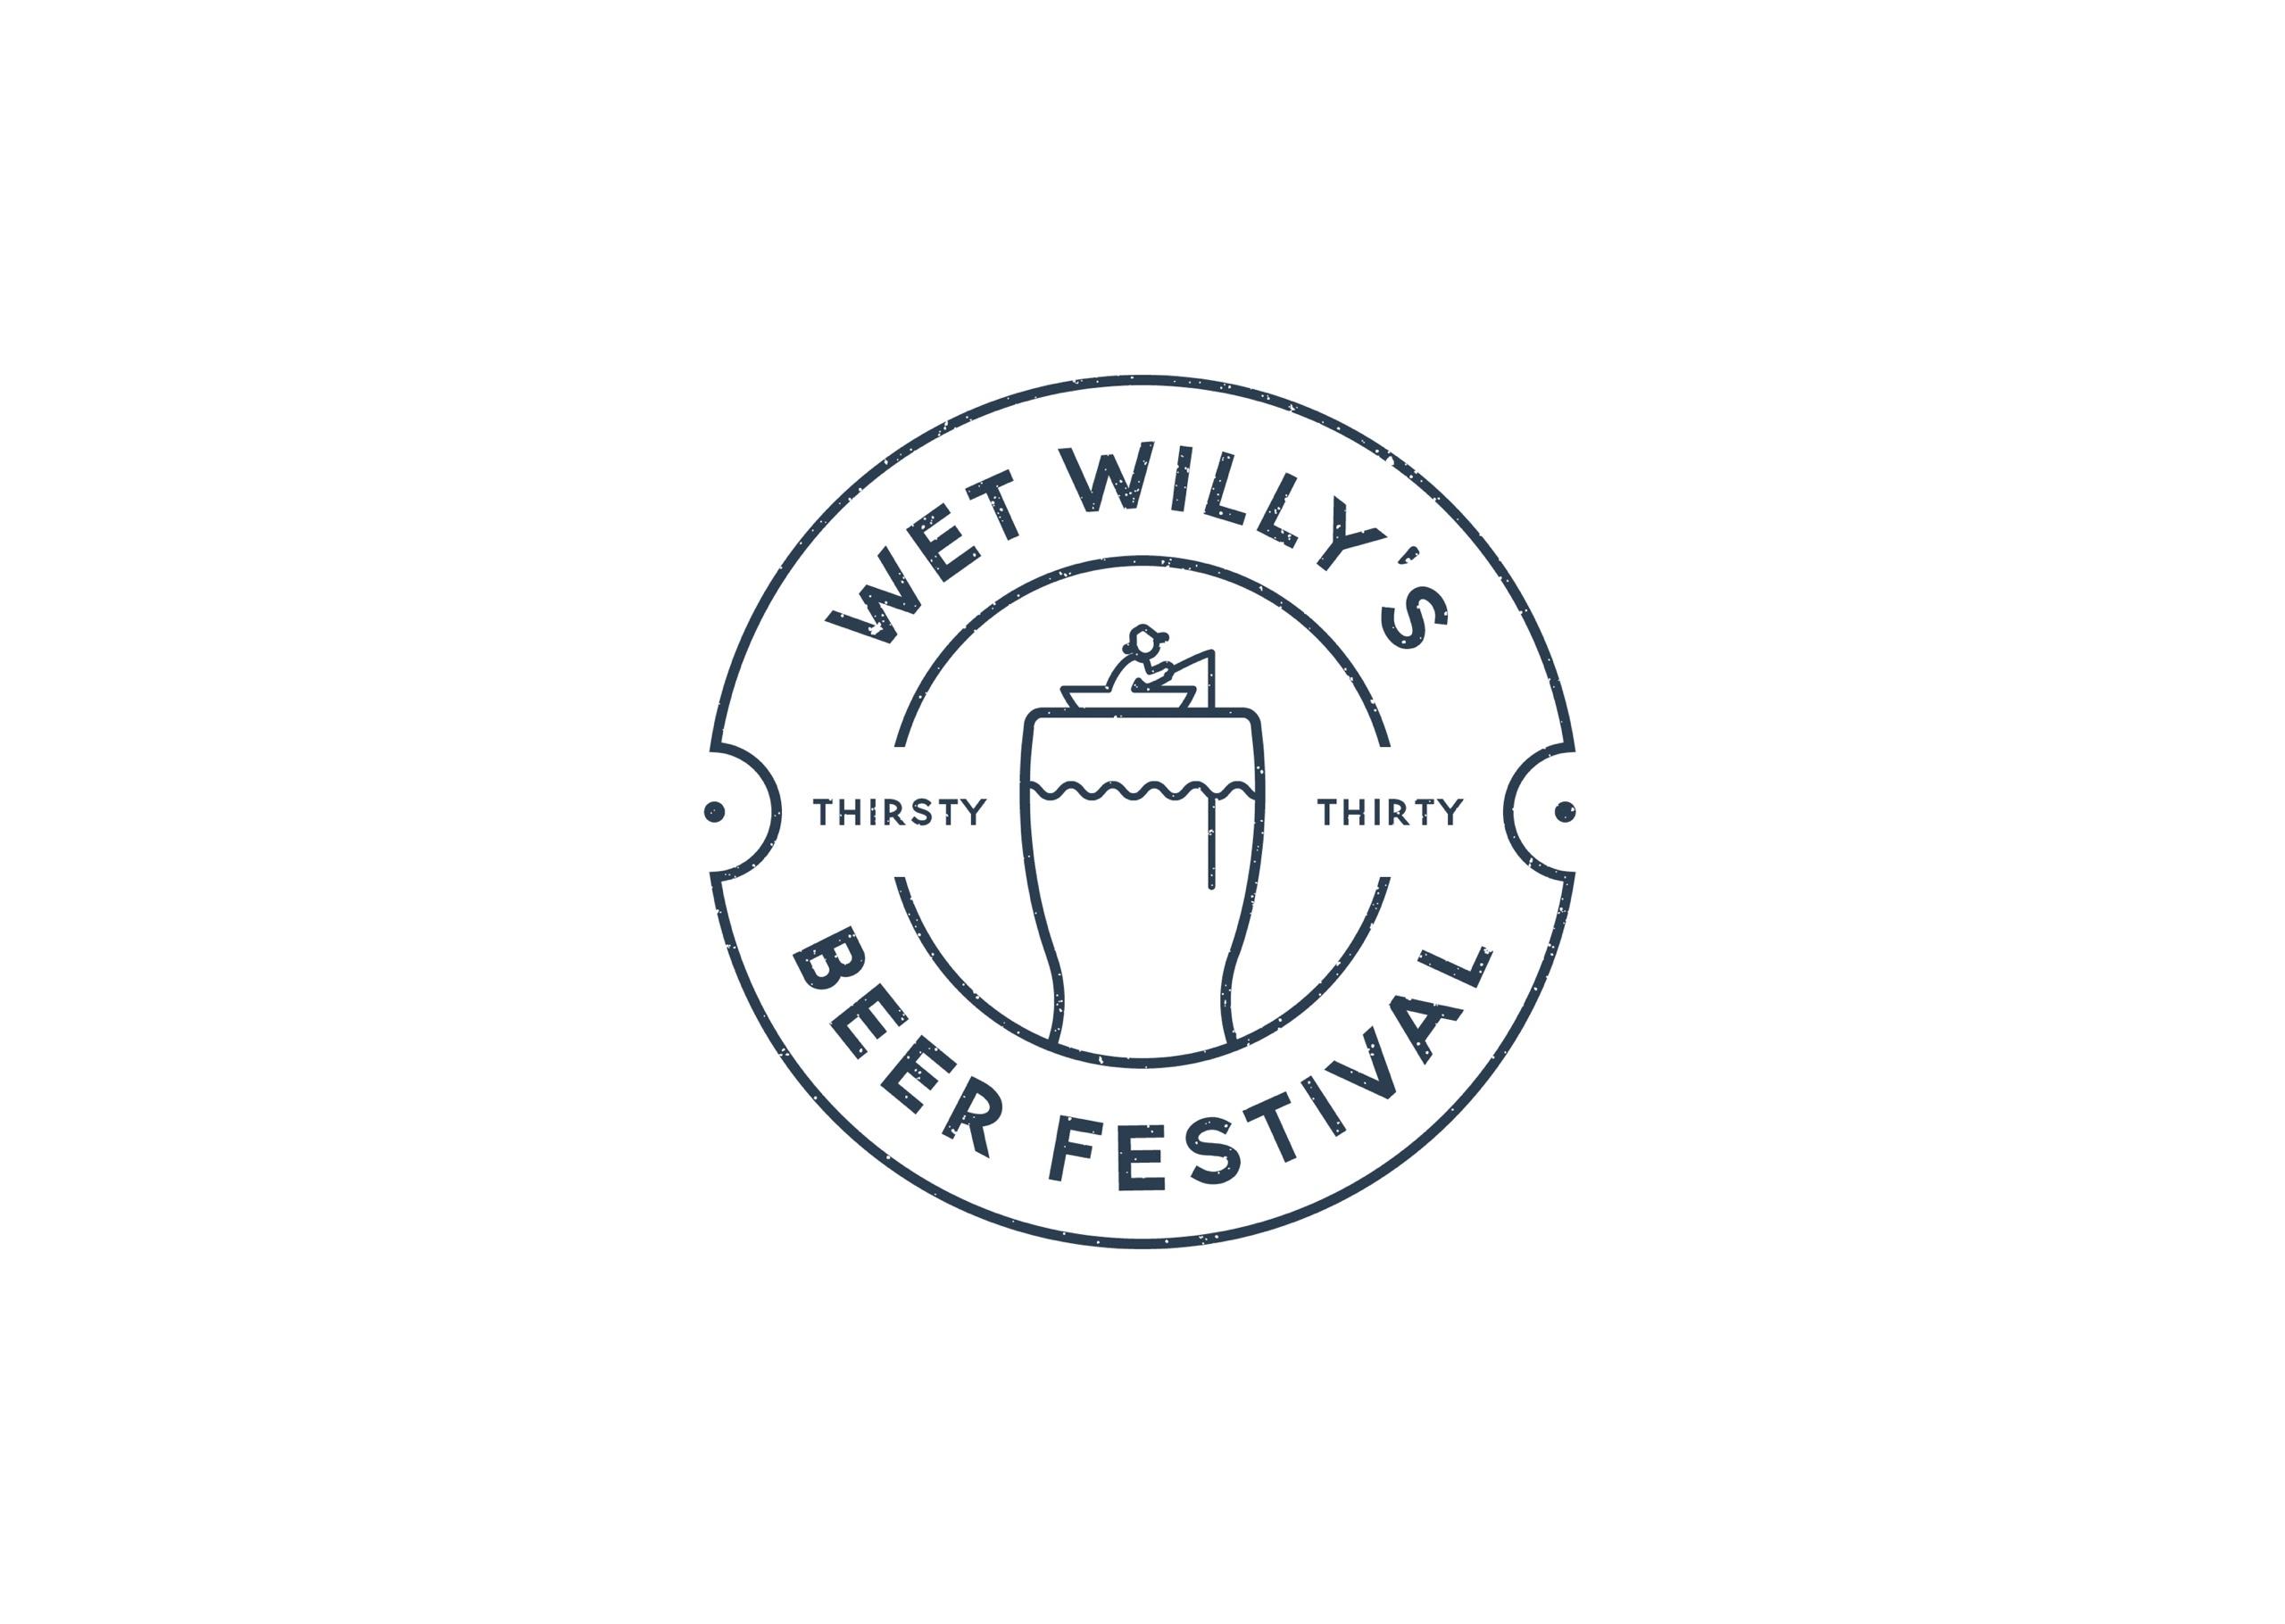 Logo design, branding and identity for Wet Willy's Beer Festival